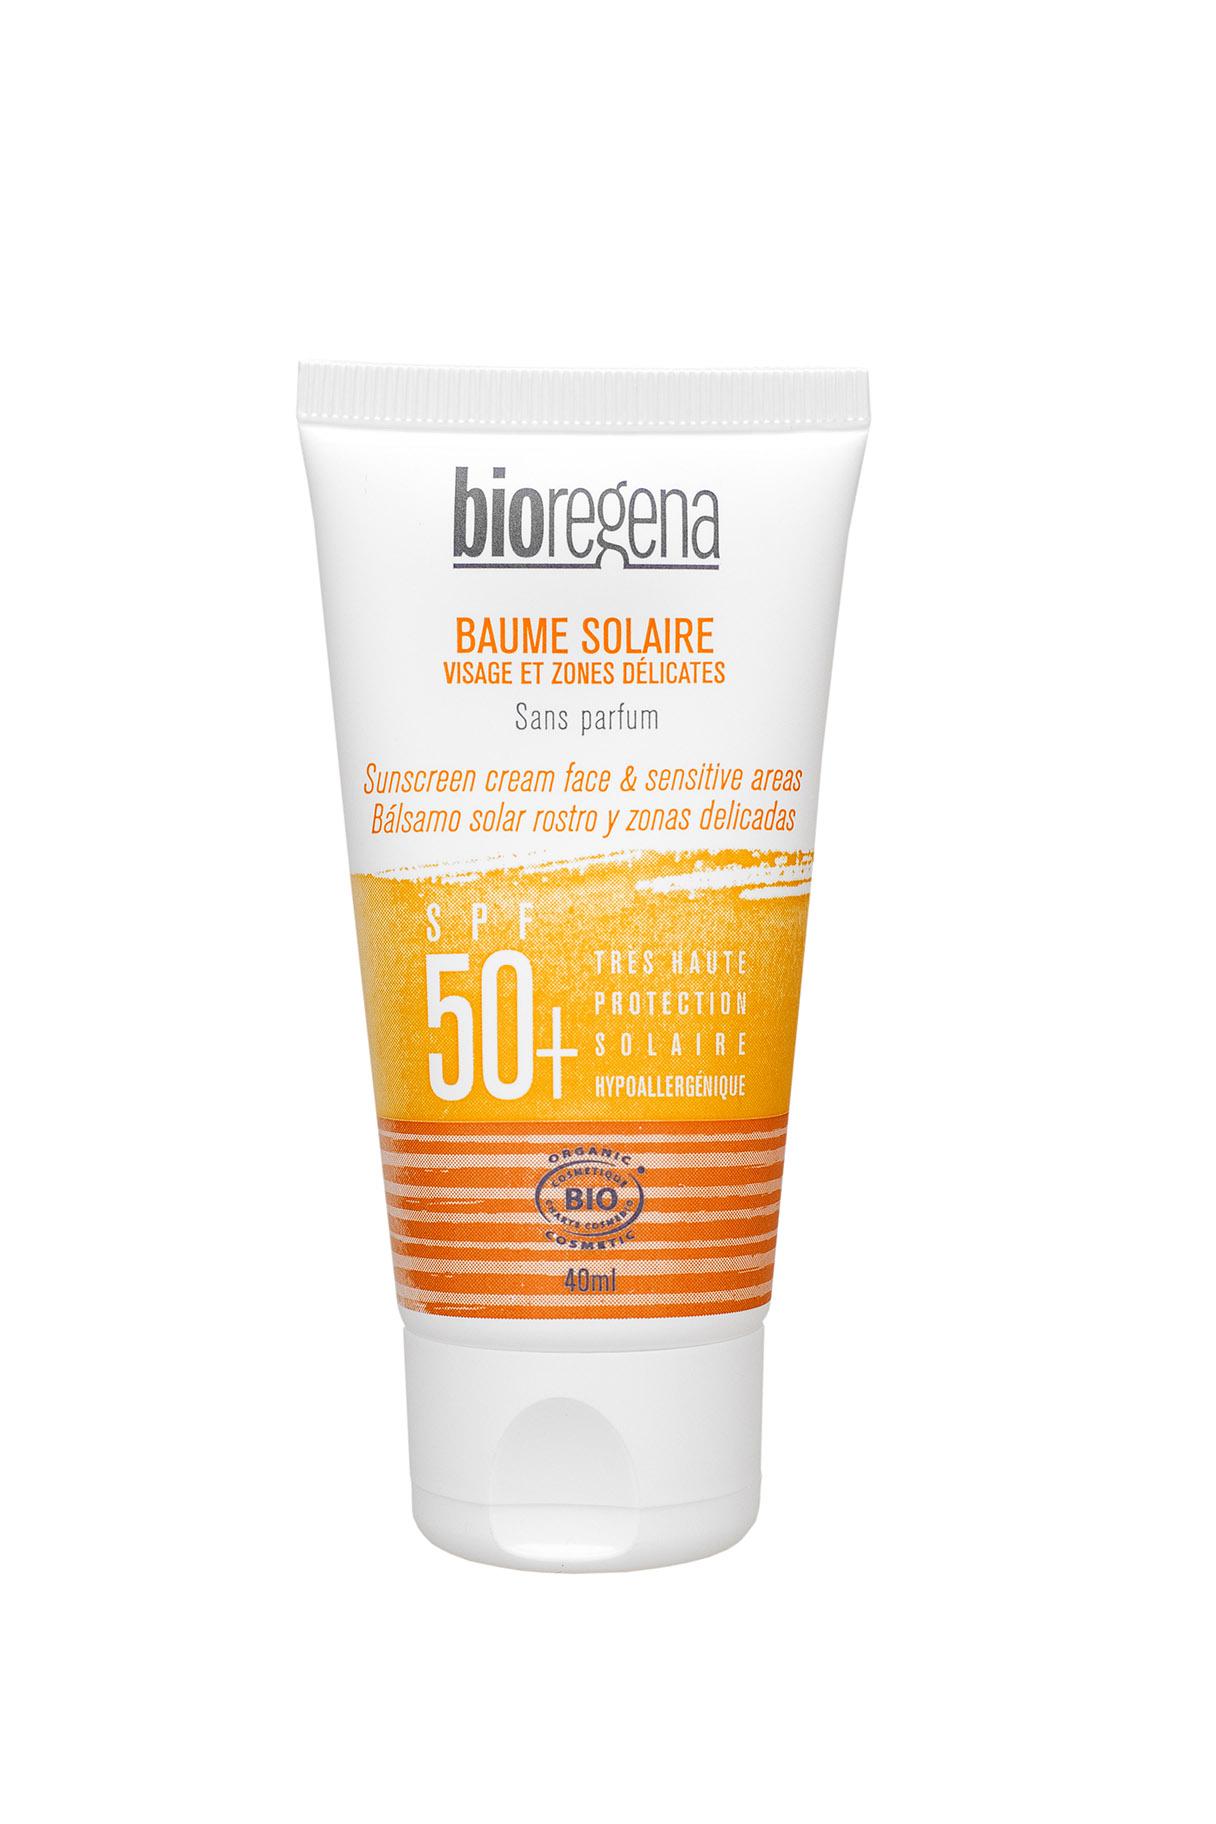 Bioregena Sunscreen balm SPF50+ Face 40ml